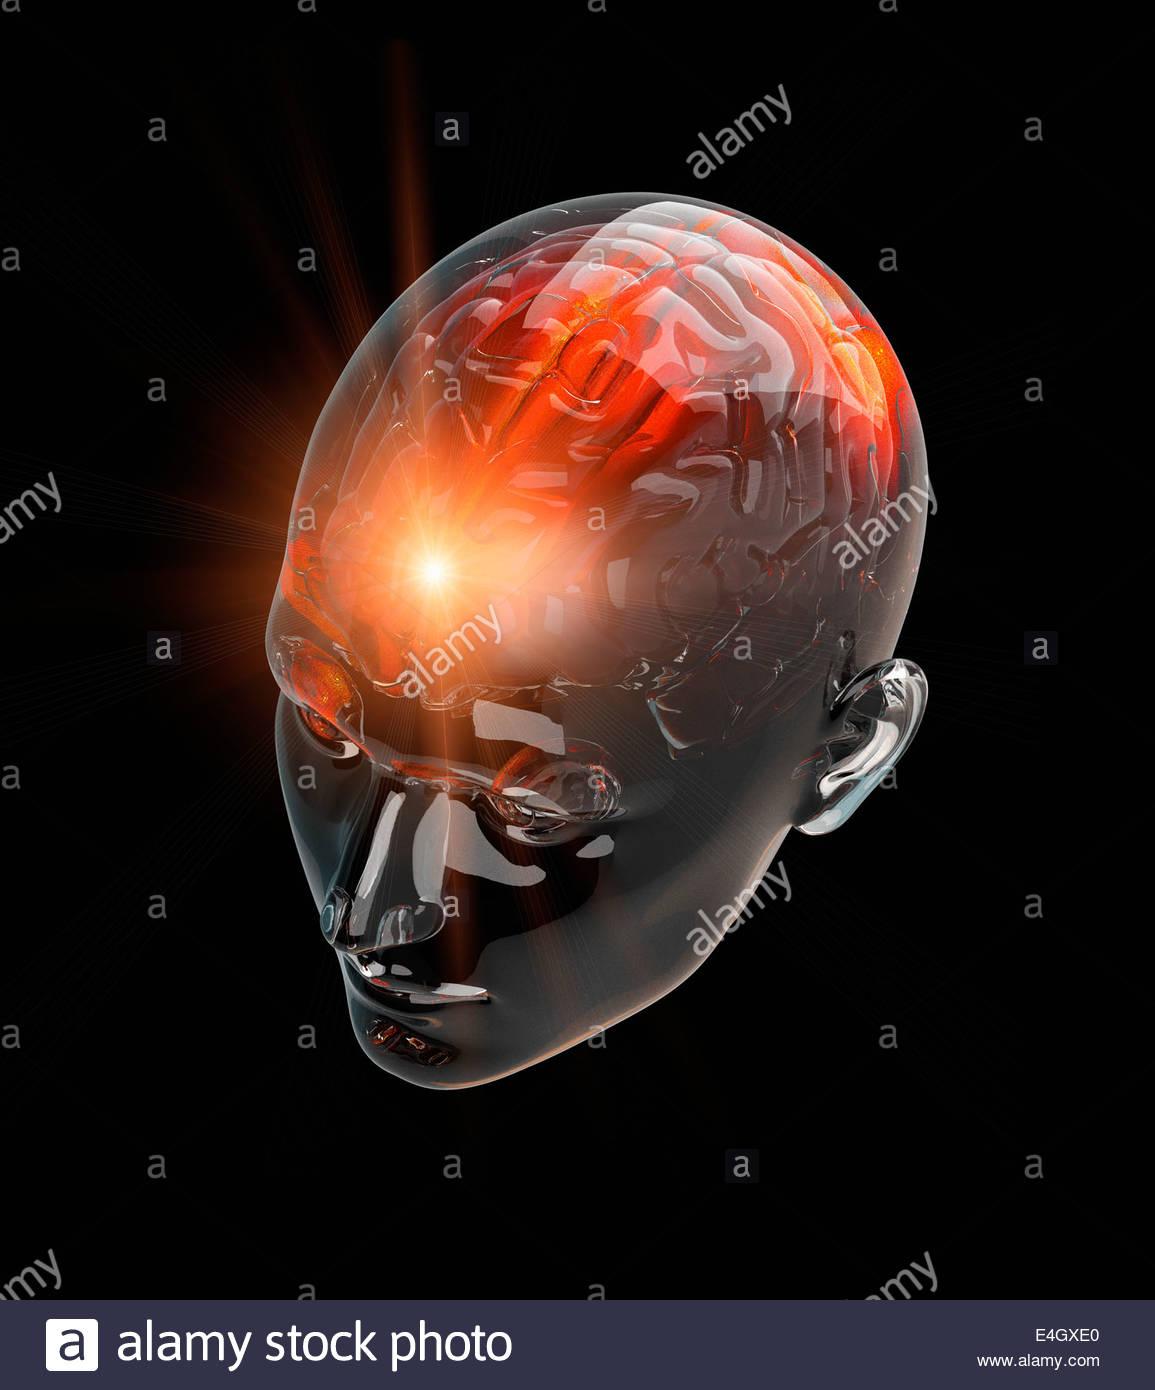 Attività illuminata dal rosso cervello umano in testa trasparente Immagini Stock